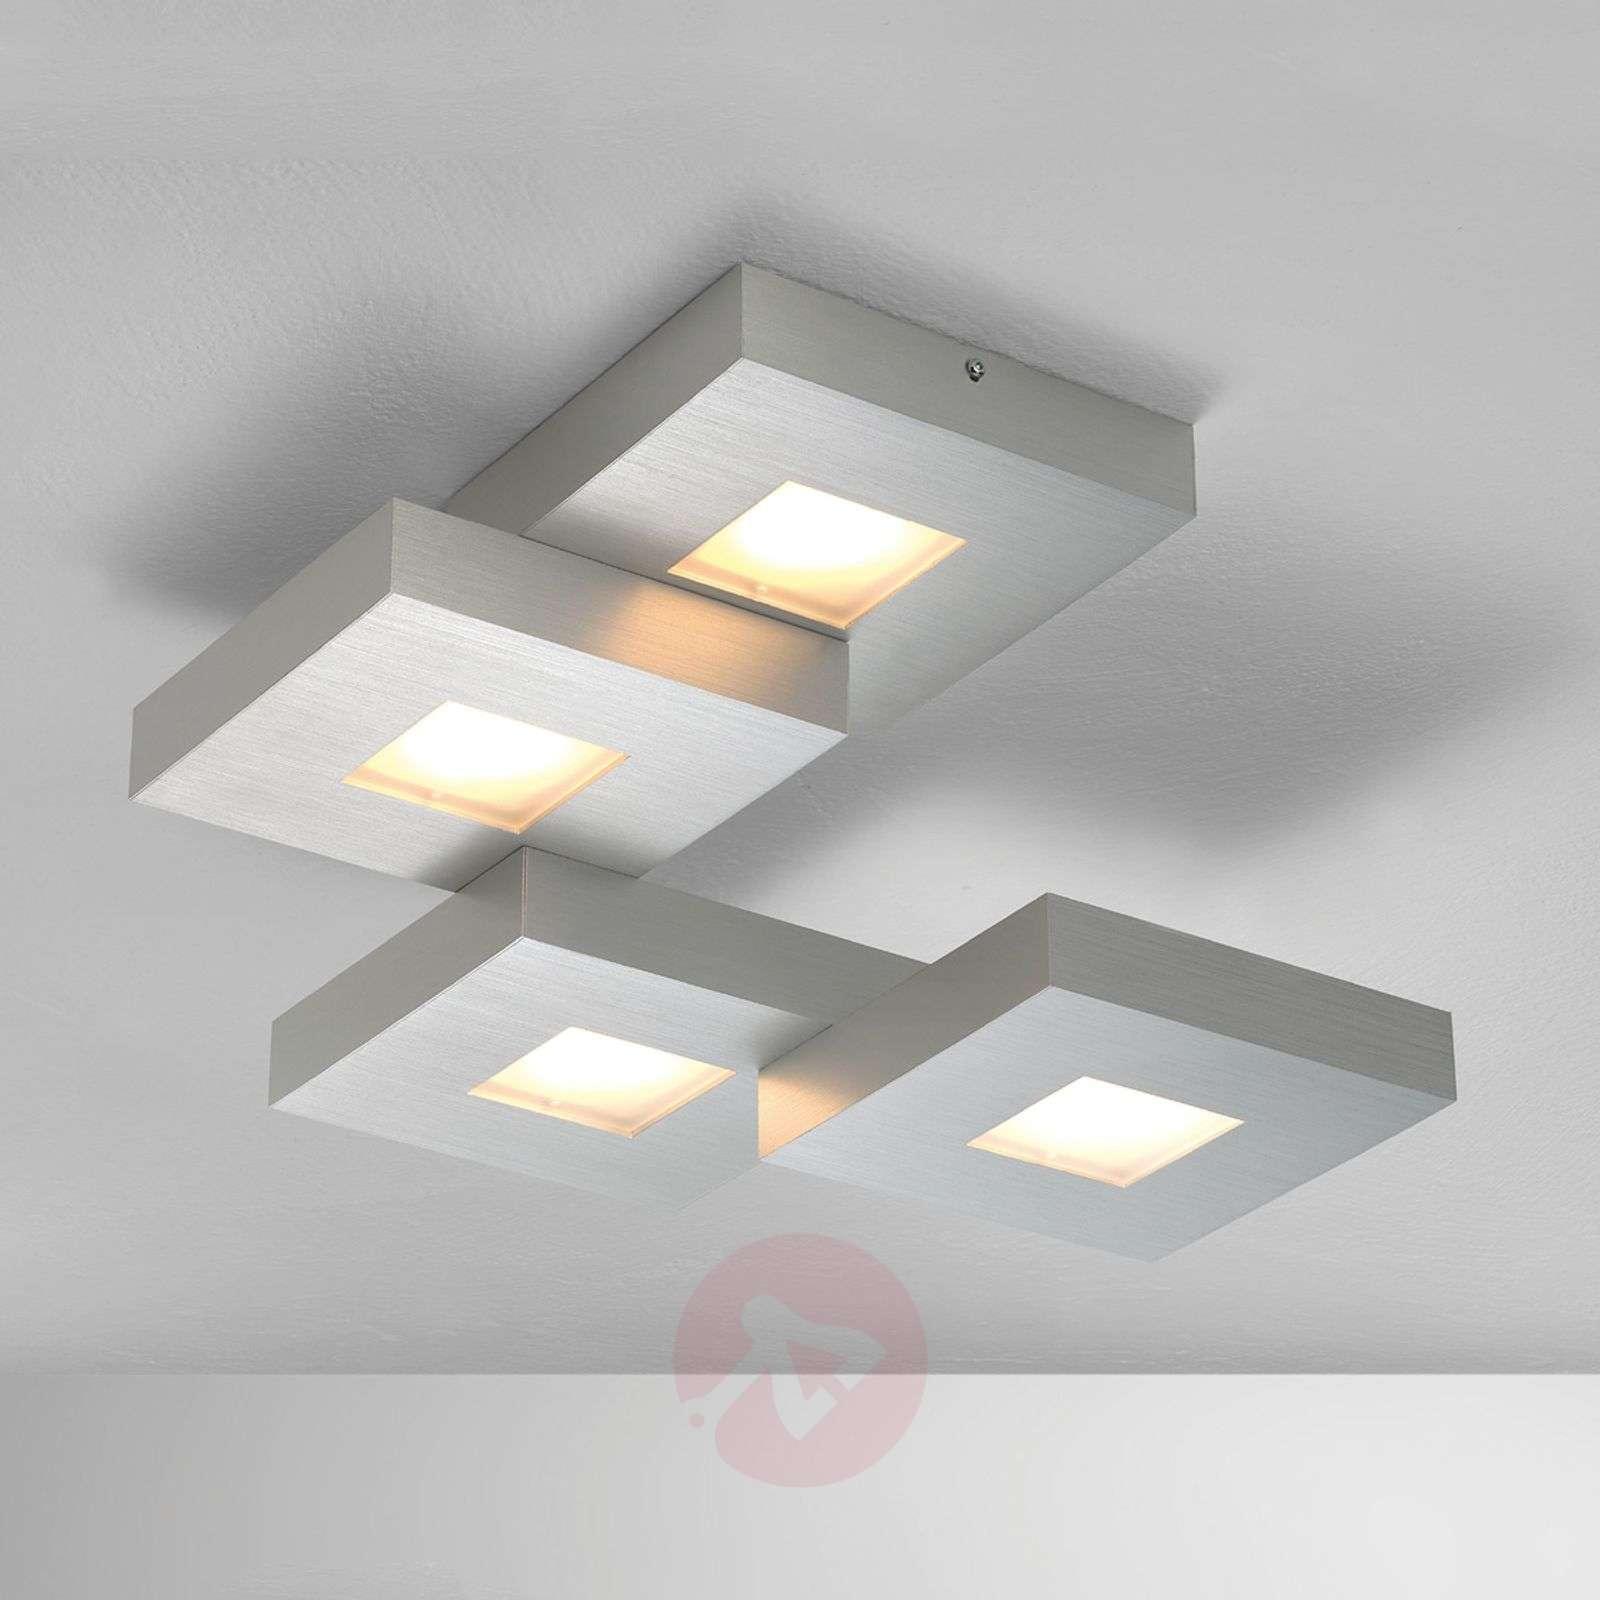 Portaittainen LED-kattovalaisin Cubus-1556045-01